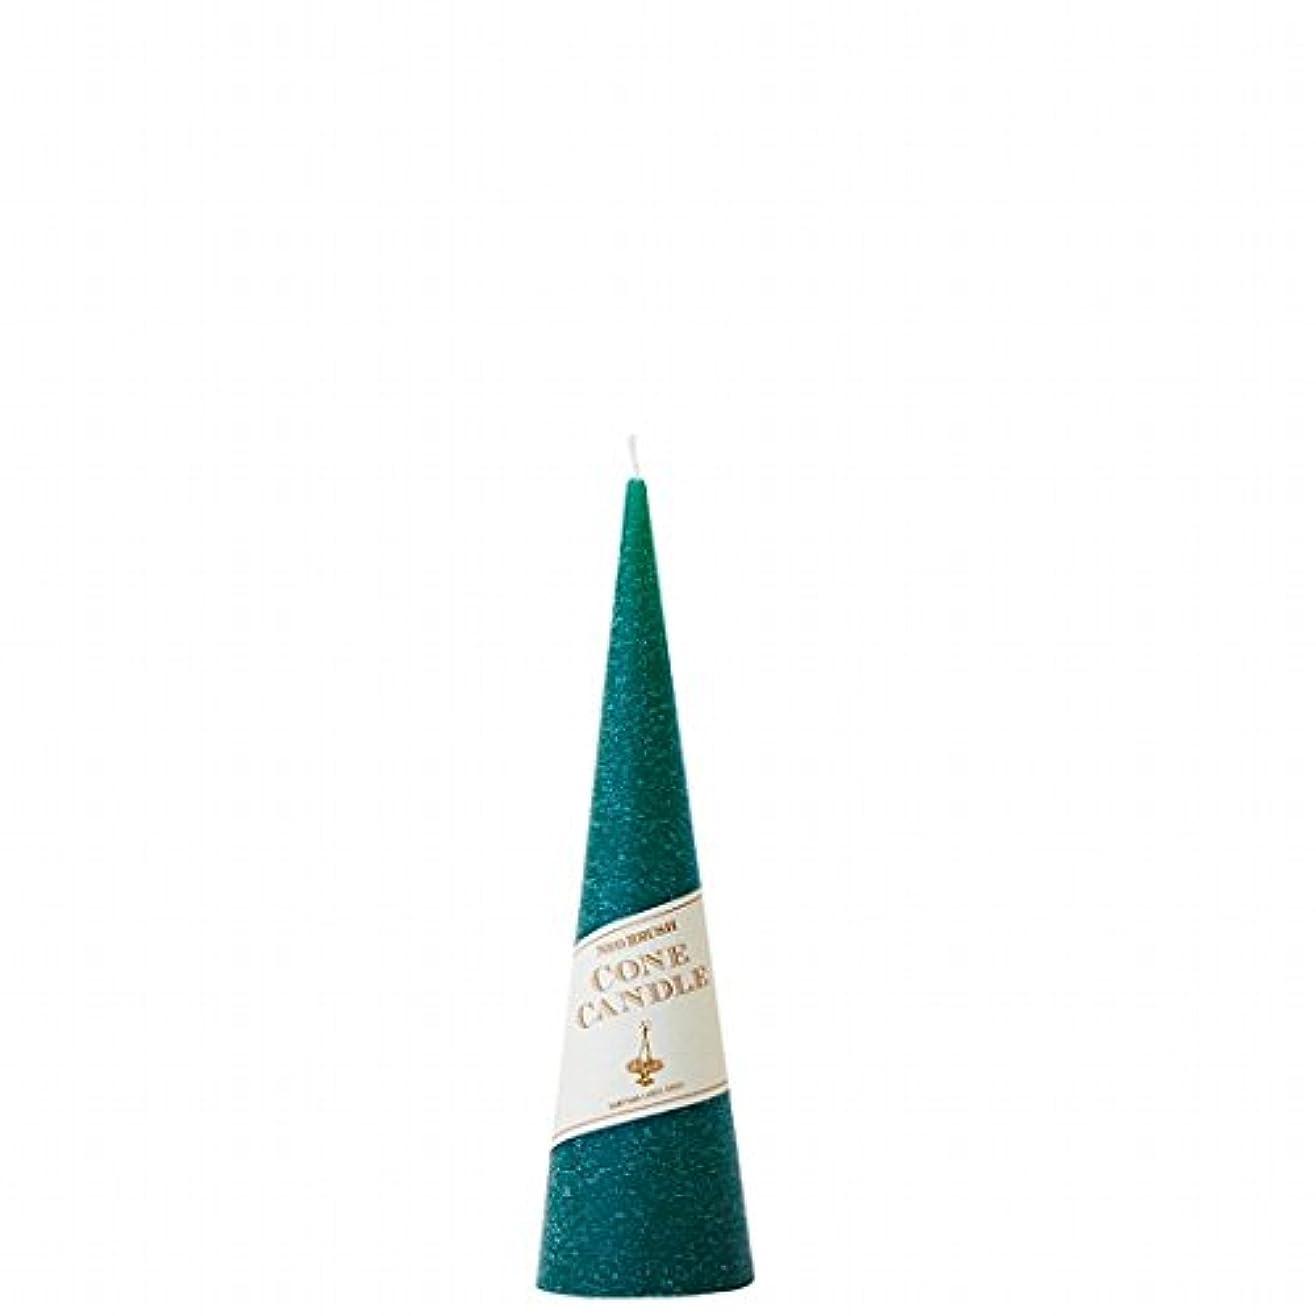 少ないバルーンではごきげんようkameyama candle(カメヤマキャンドル) ネオブラッシュコーン 180 キャンドル 「 グリーン 」(A9750010G)